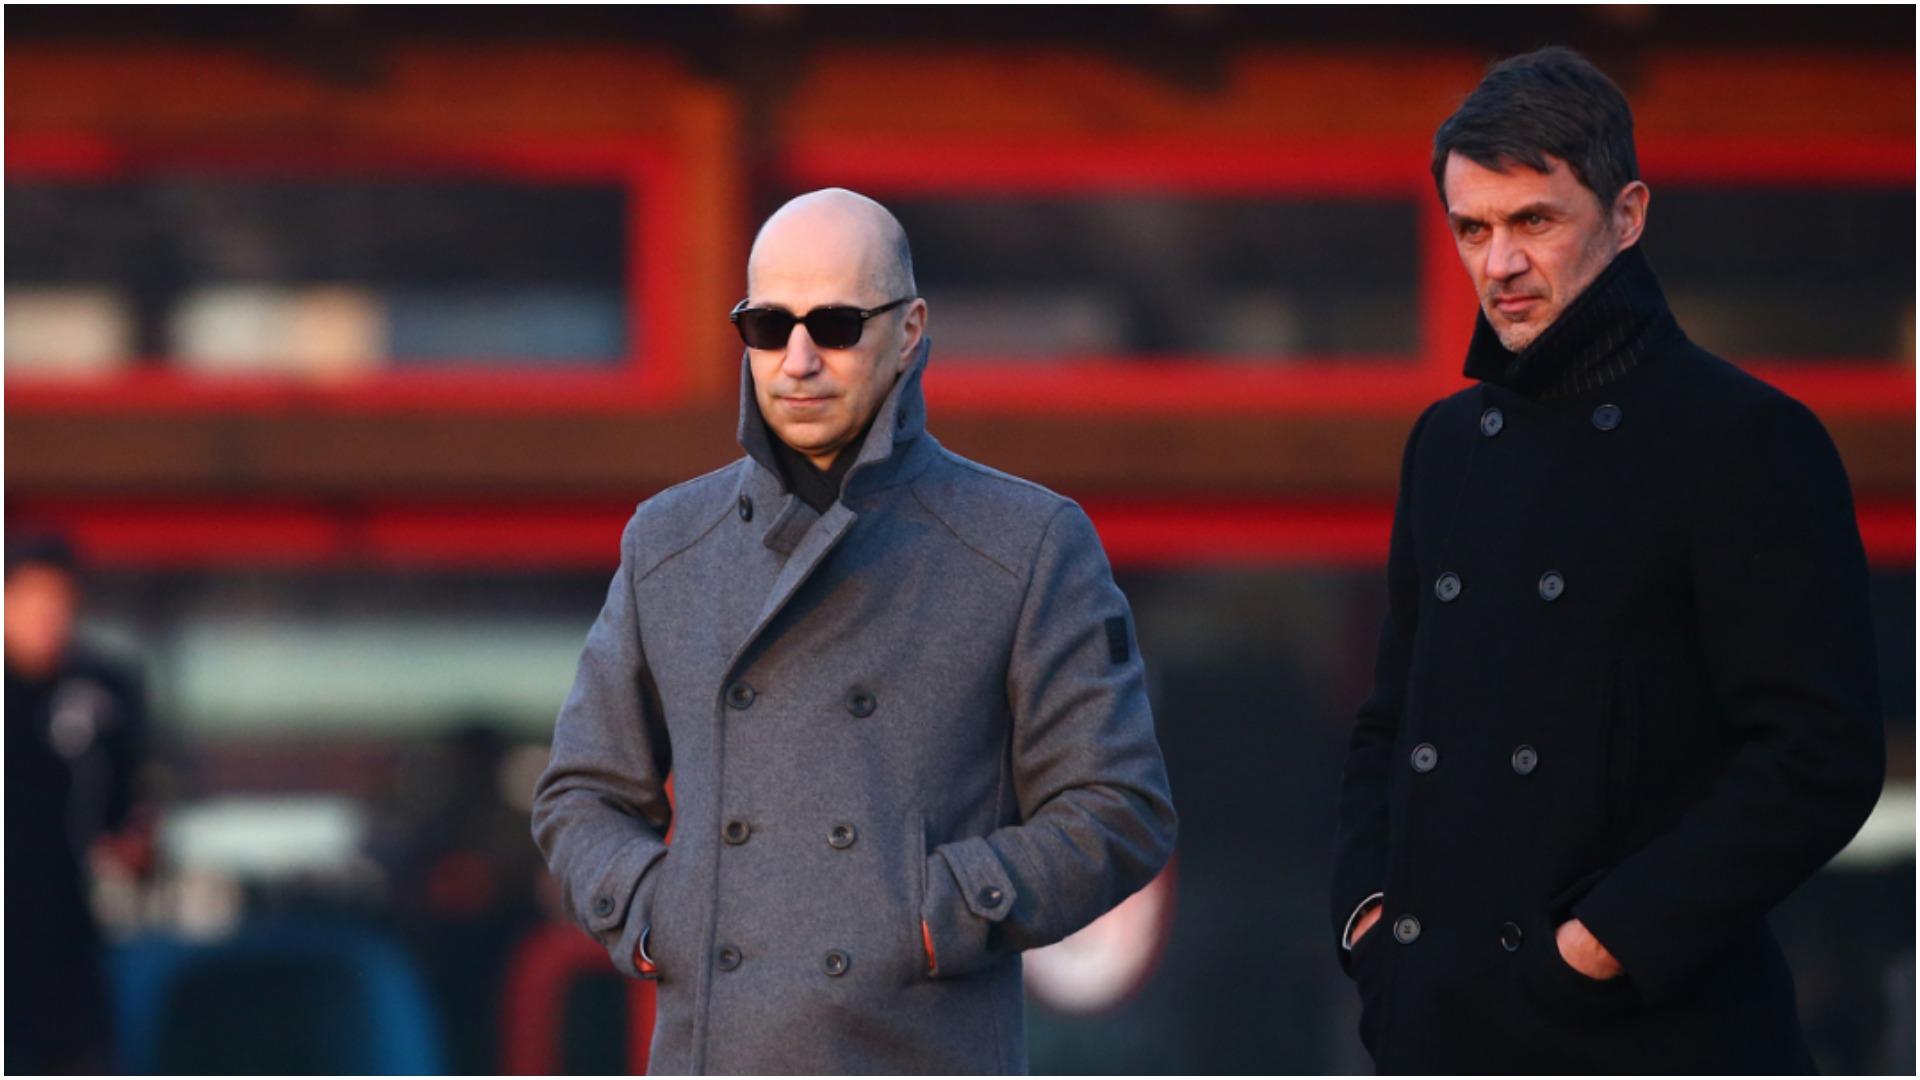 Shpjegime futbollistëve për Super League, Maldini ndaloi CEO-n e Milanit